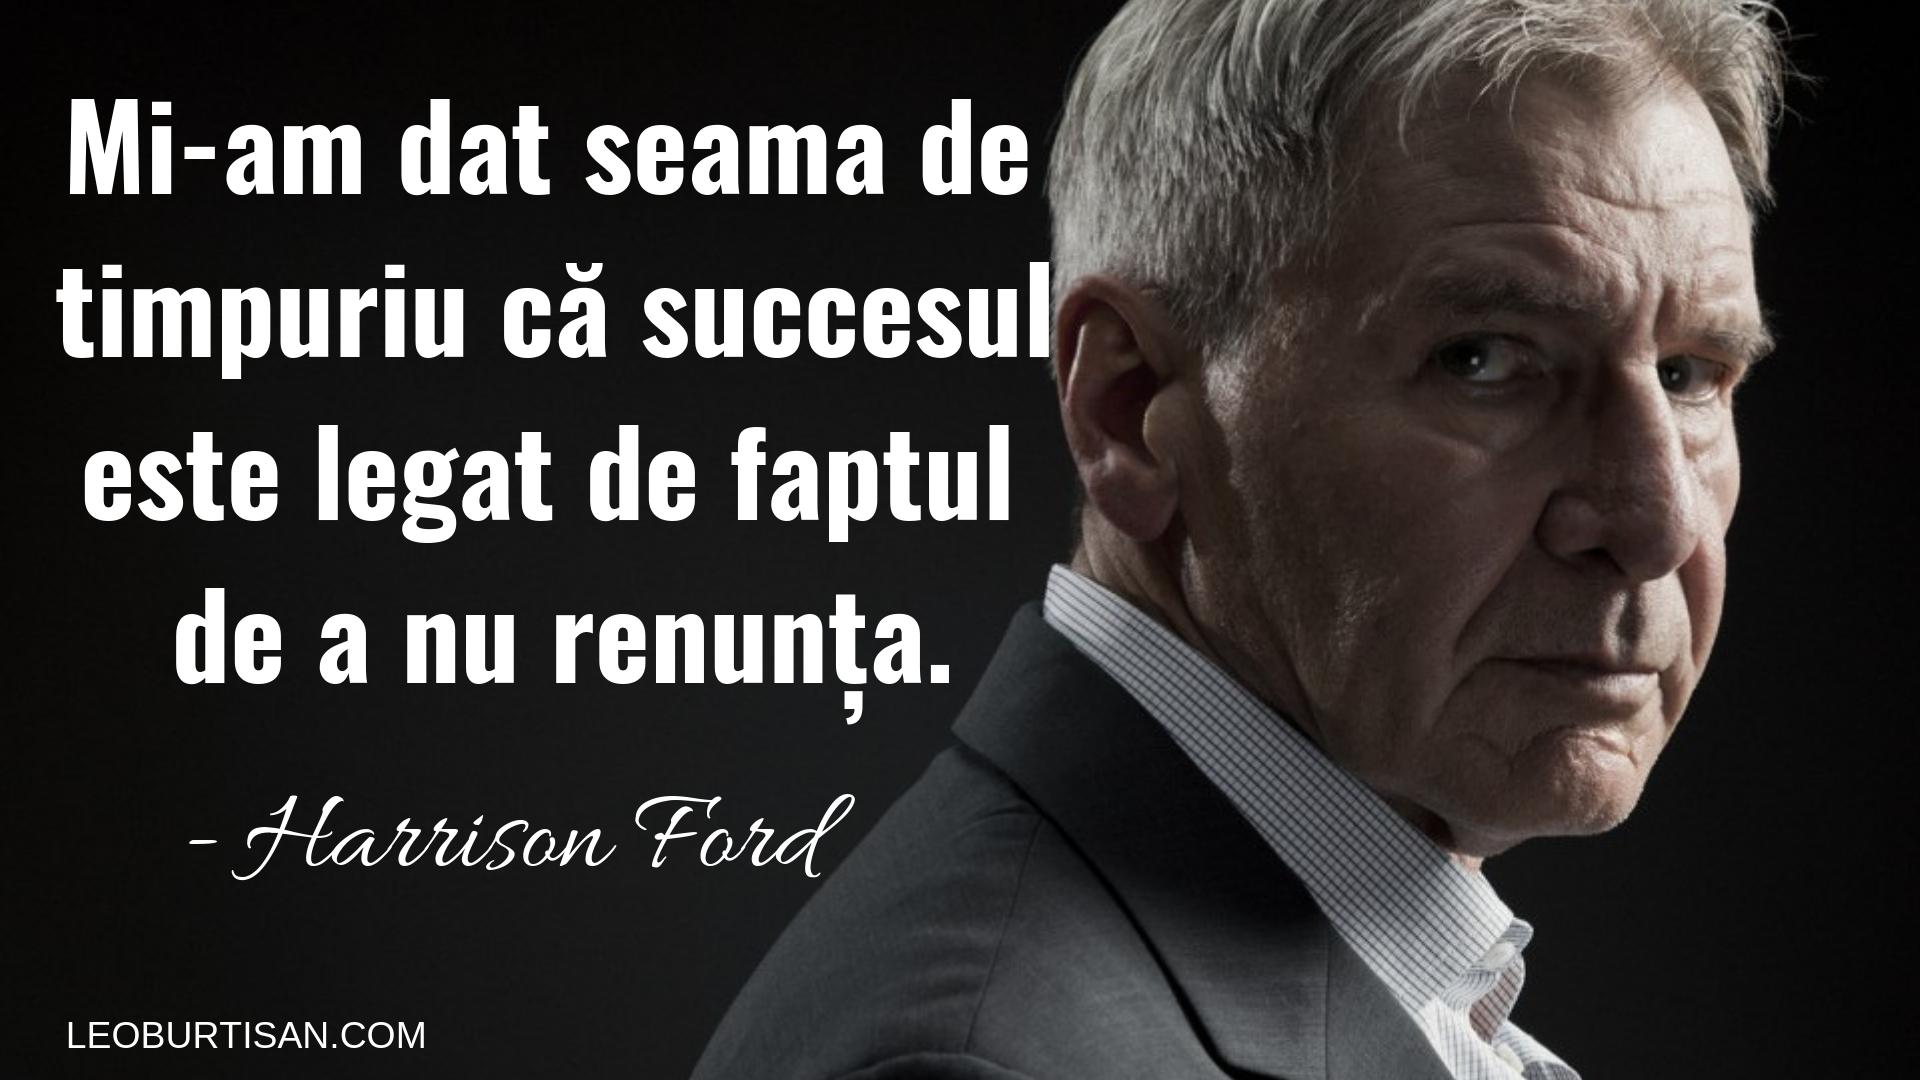 Harrison Ford - 13 Citate Motivaționale Care Te Vor Încuraja Să